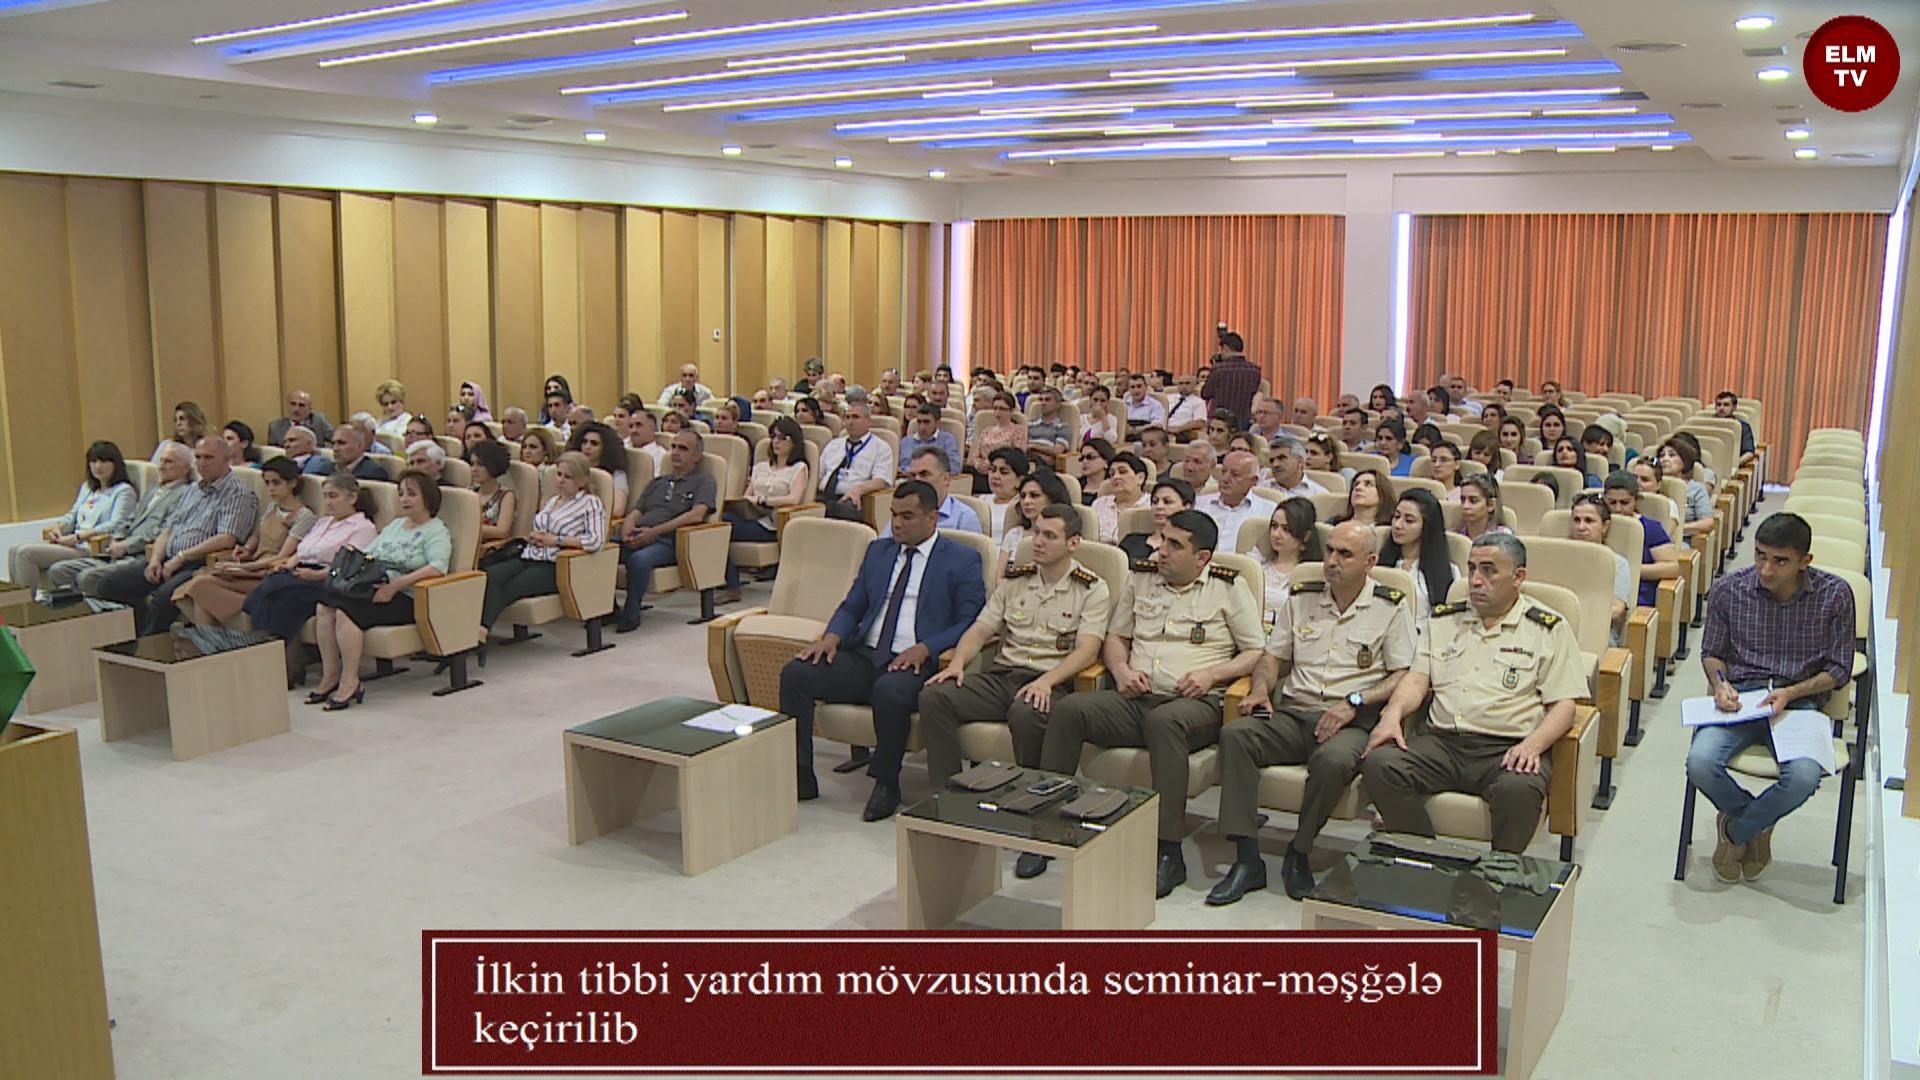 İlkin tibbi yardım mövzusunda seminar-məşğələ keçirilib